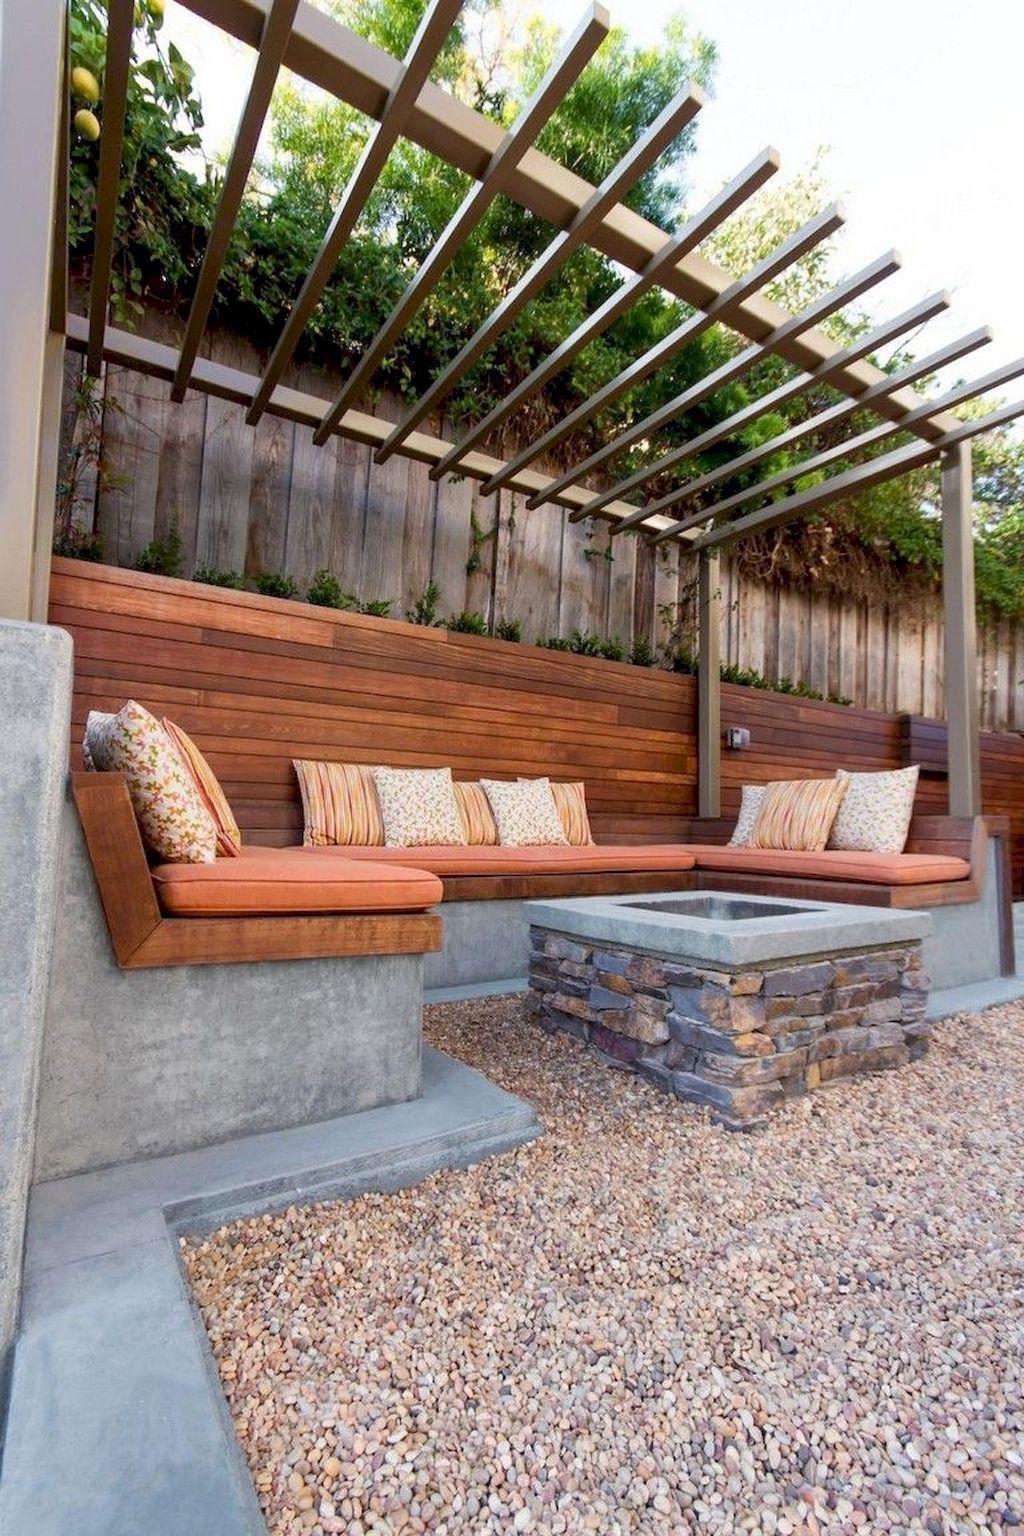 Inspiring Backyard Fire Pit Ideas 30